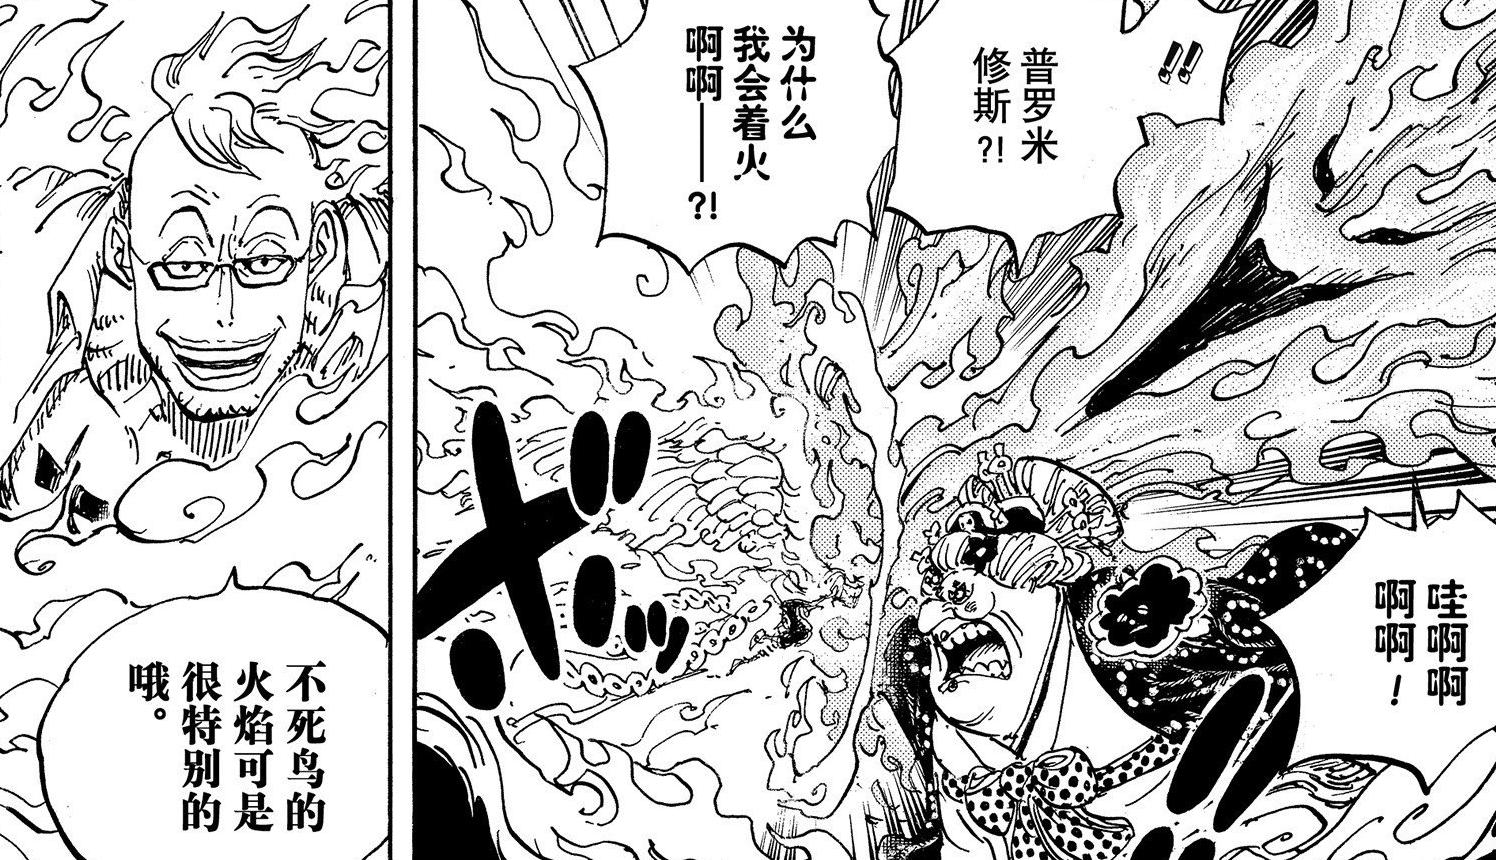 《海賊王》998話出現2處穿幫,「細節狂魔」尾田還是失誤了